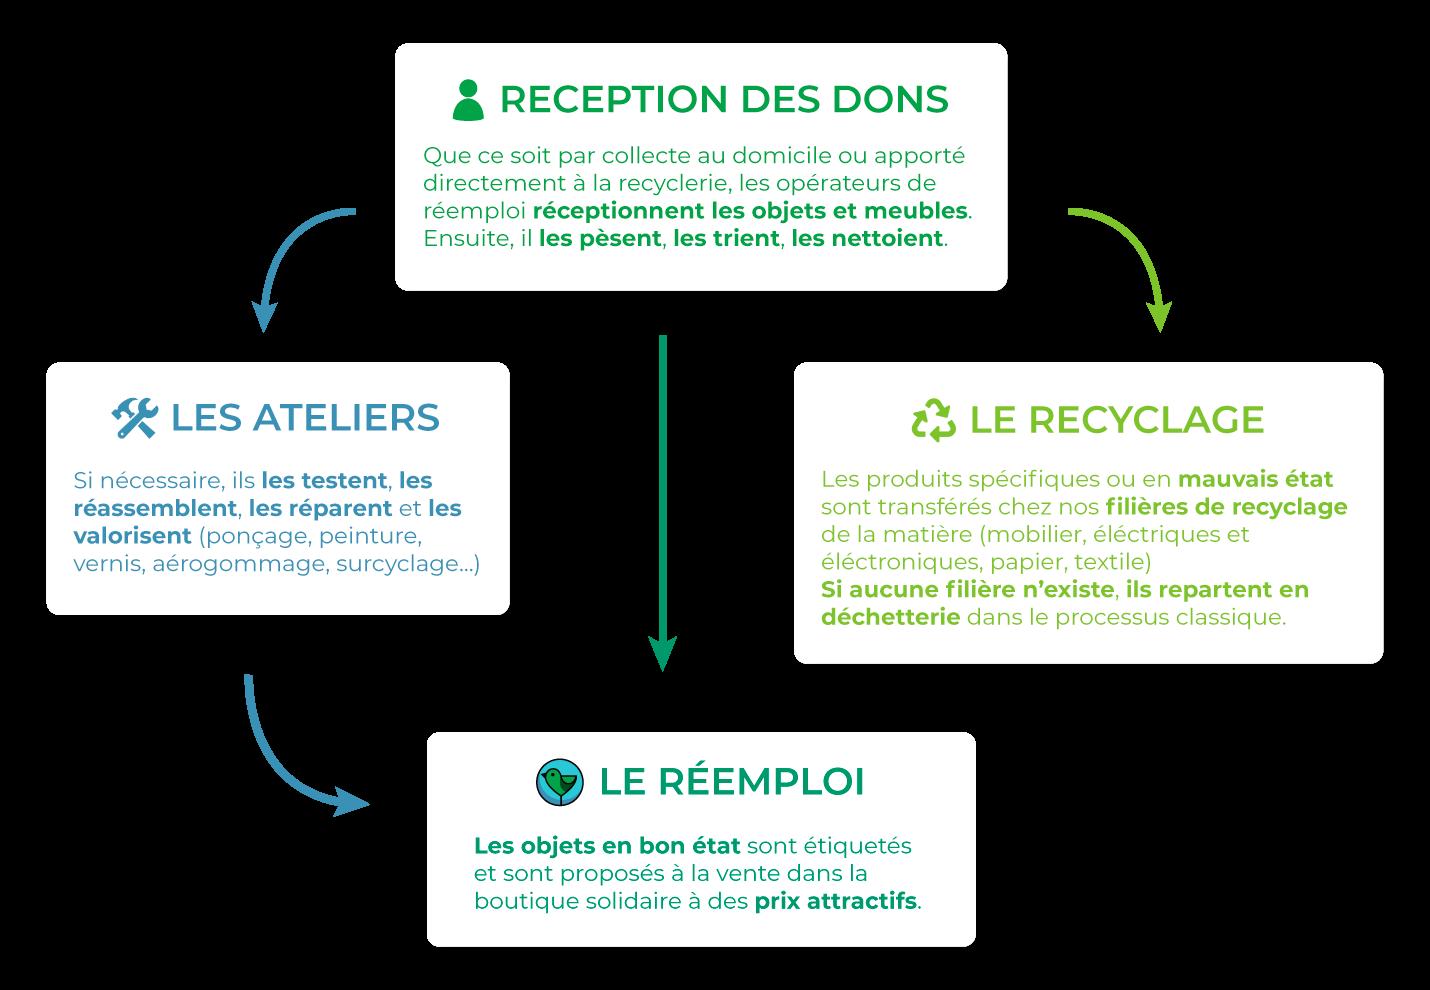 Réception des dons - Ateliers - Recyclage - Réemploi